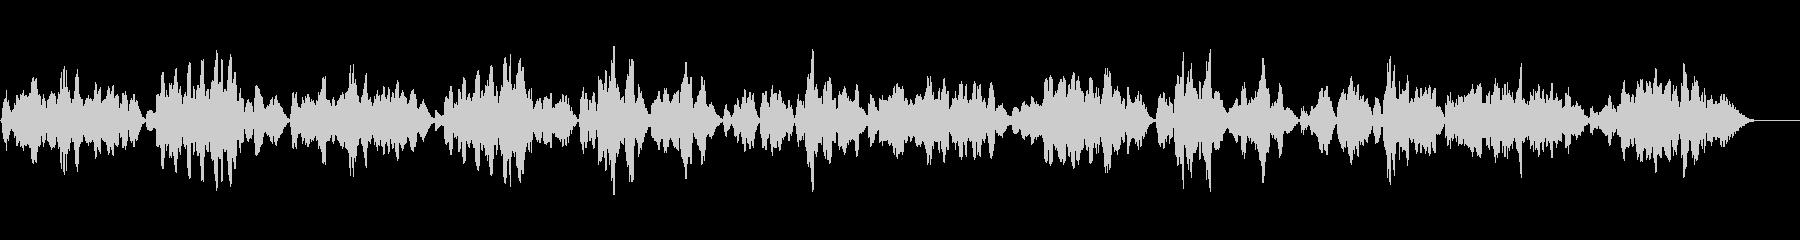 ヘンデル作曲ブーレをヴァイオリンソロでの未再生の波形